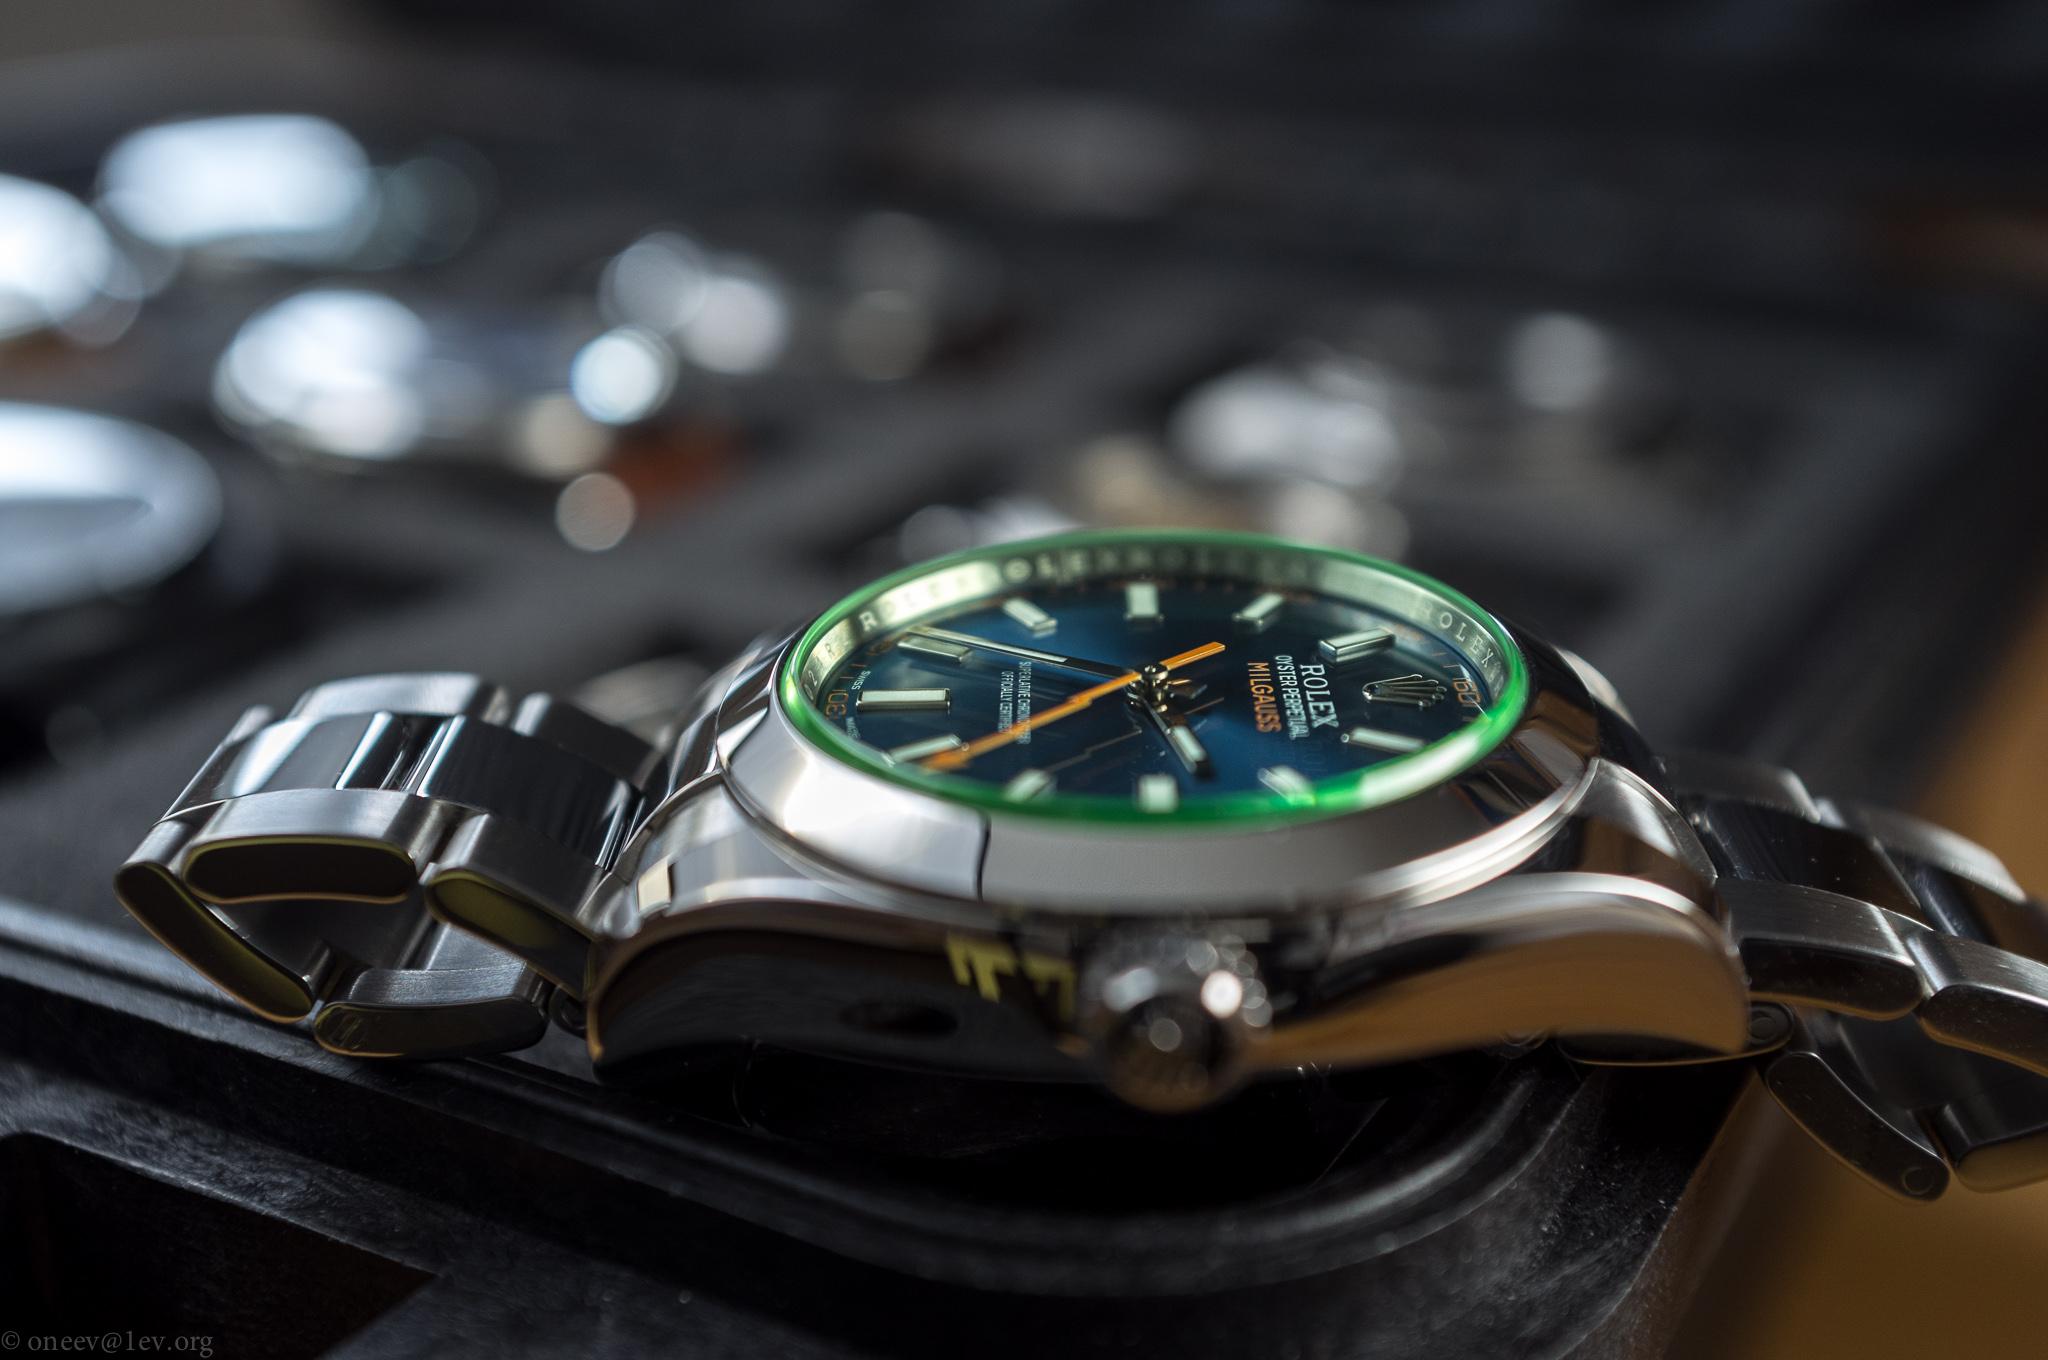 Revue illustrée de la Rolex Milgauss Z-Blue 20150131-DSCF5870